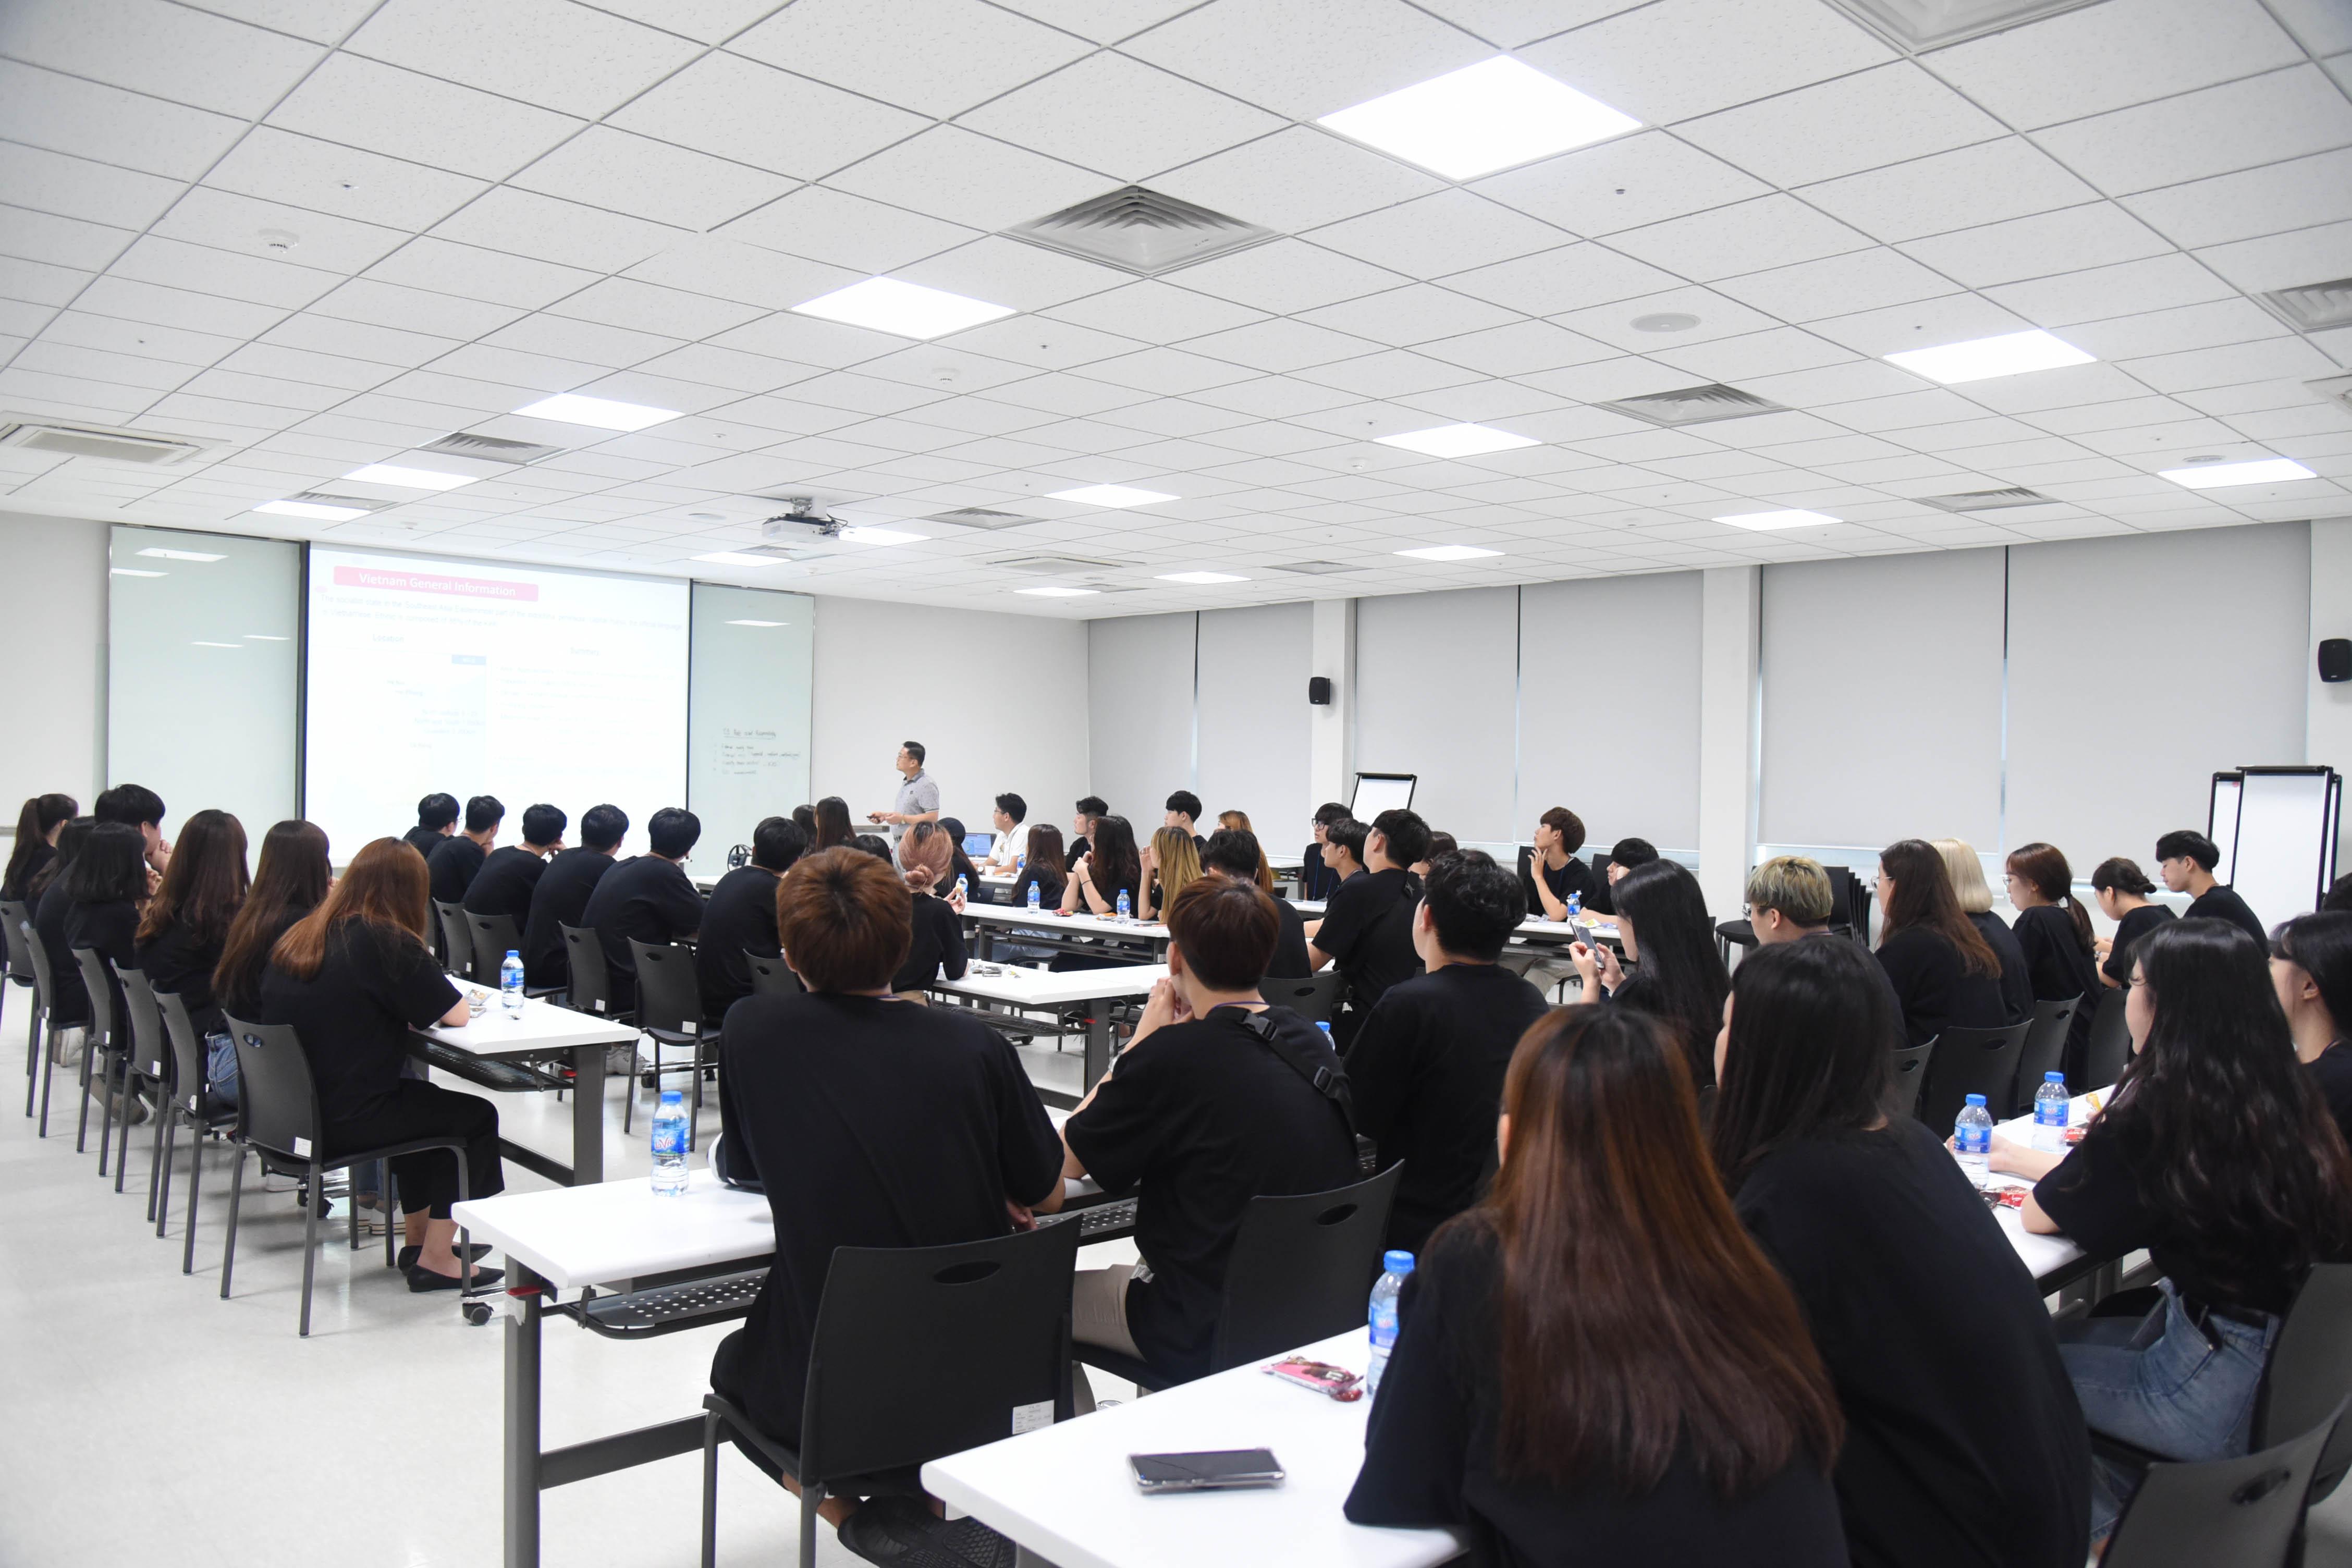 2019년 해외진출 한국기업(LG전자) 탐방